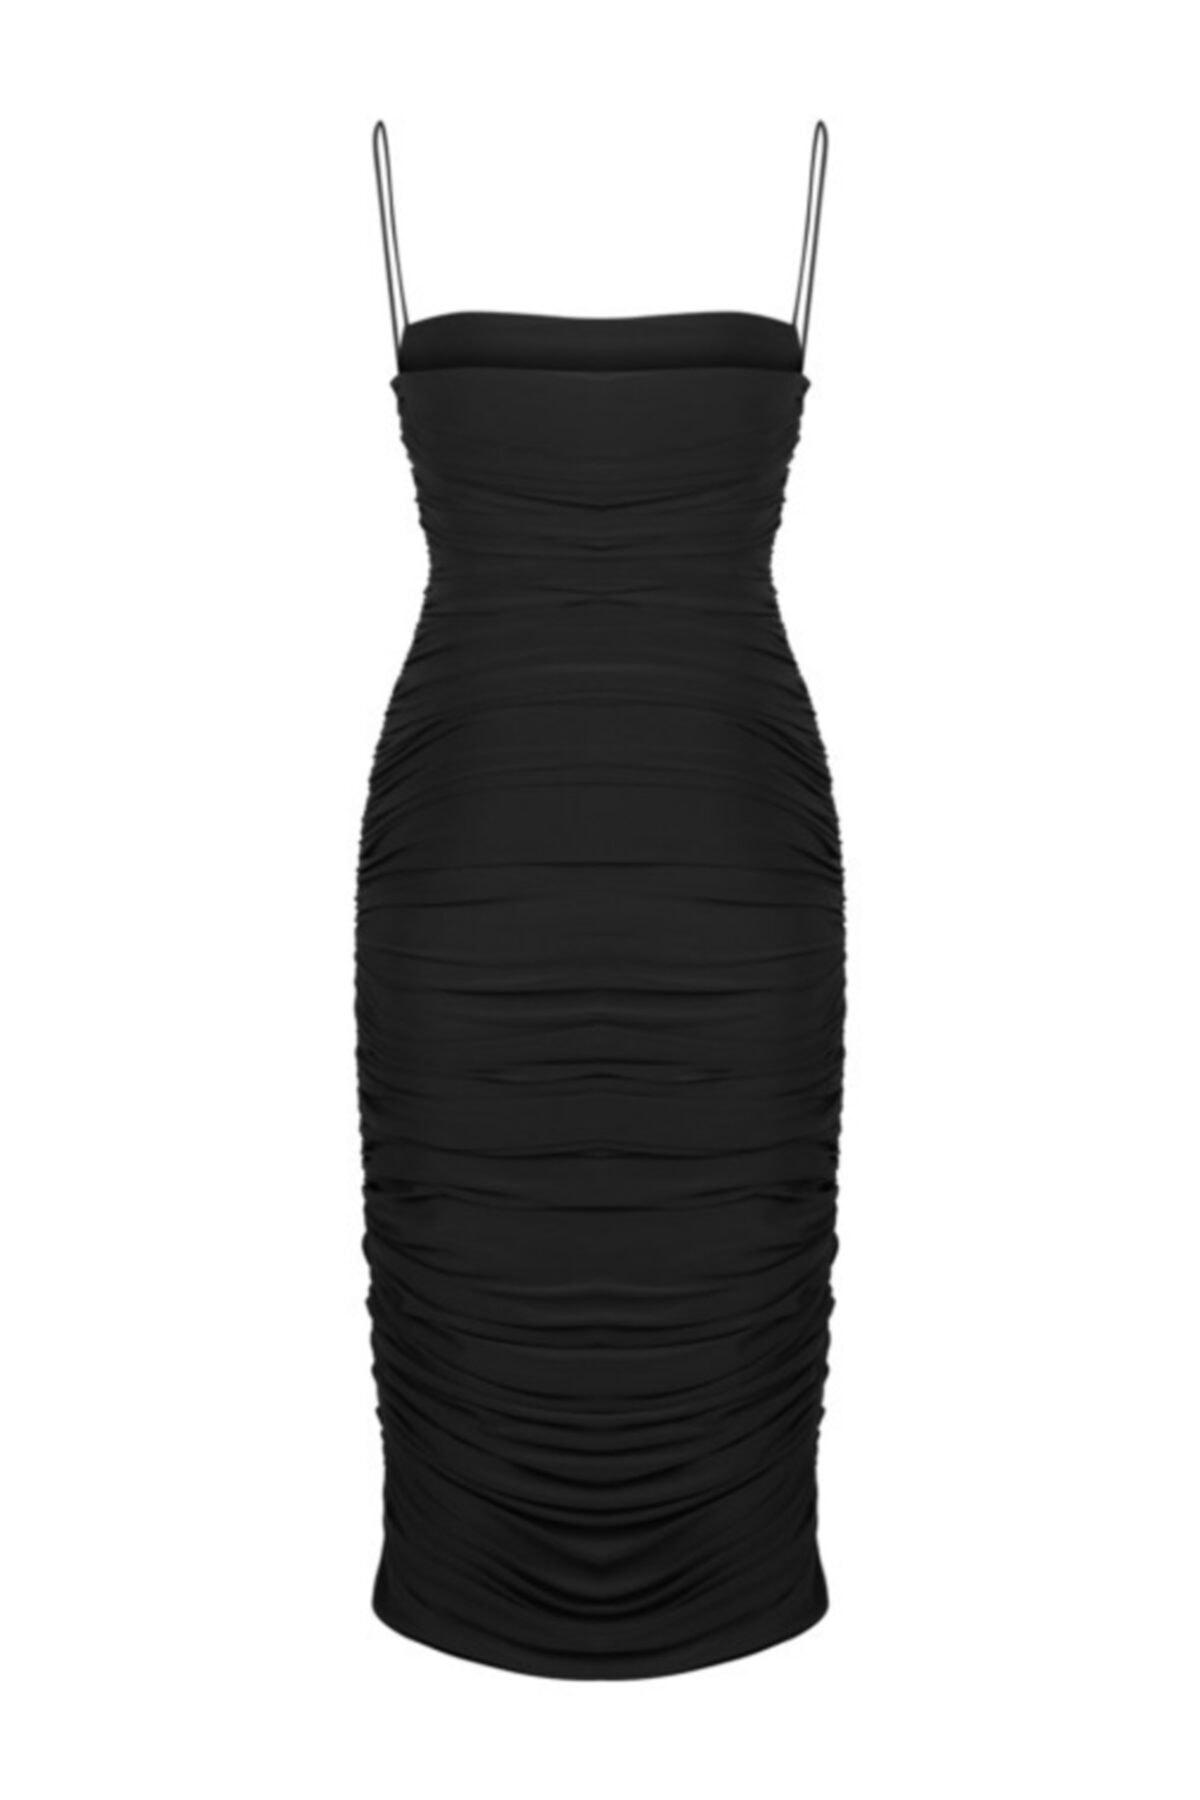 Whenever Company Kadın Siyah İnce Askılı Midi Abiye Elbise 2